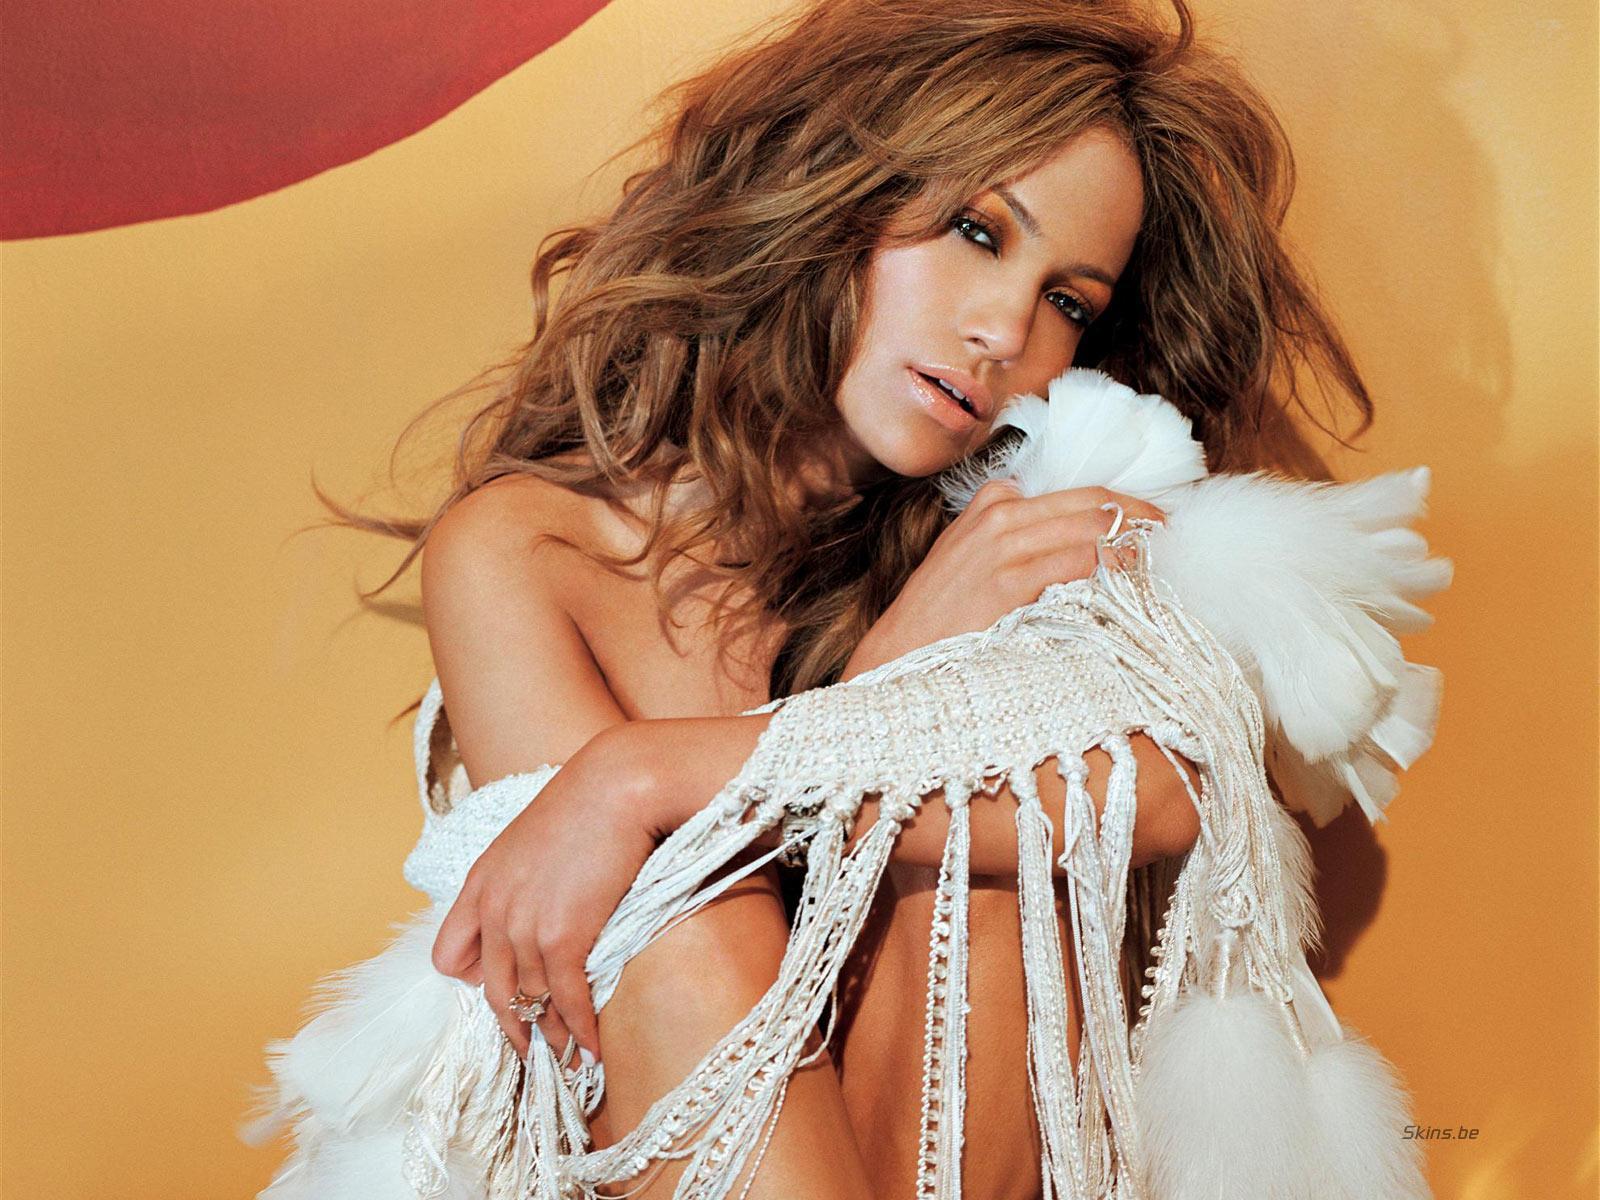 http://4.bp.blogspot.com/_GCAuqodmOE4/TJwEVX12yoI/AAAAAAAABas/pKx_3mIJACc/s1600/Jennifer+Lopez_0.jpg